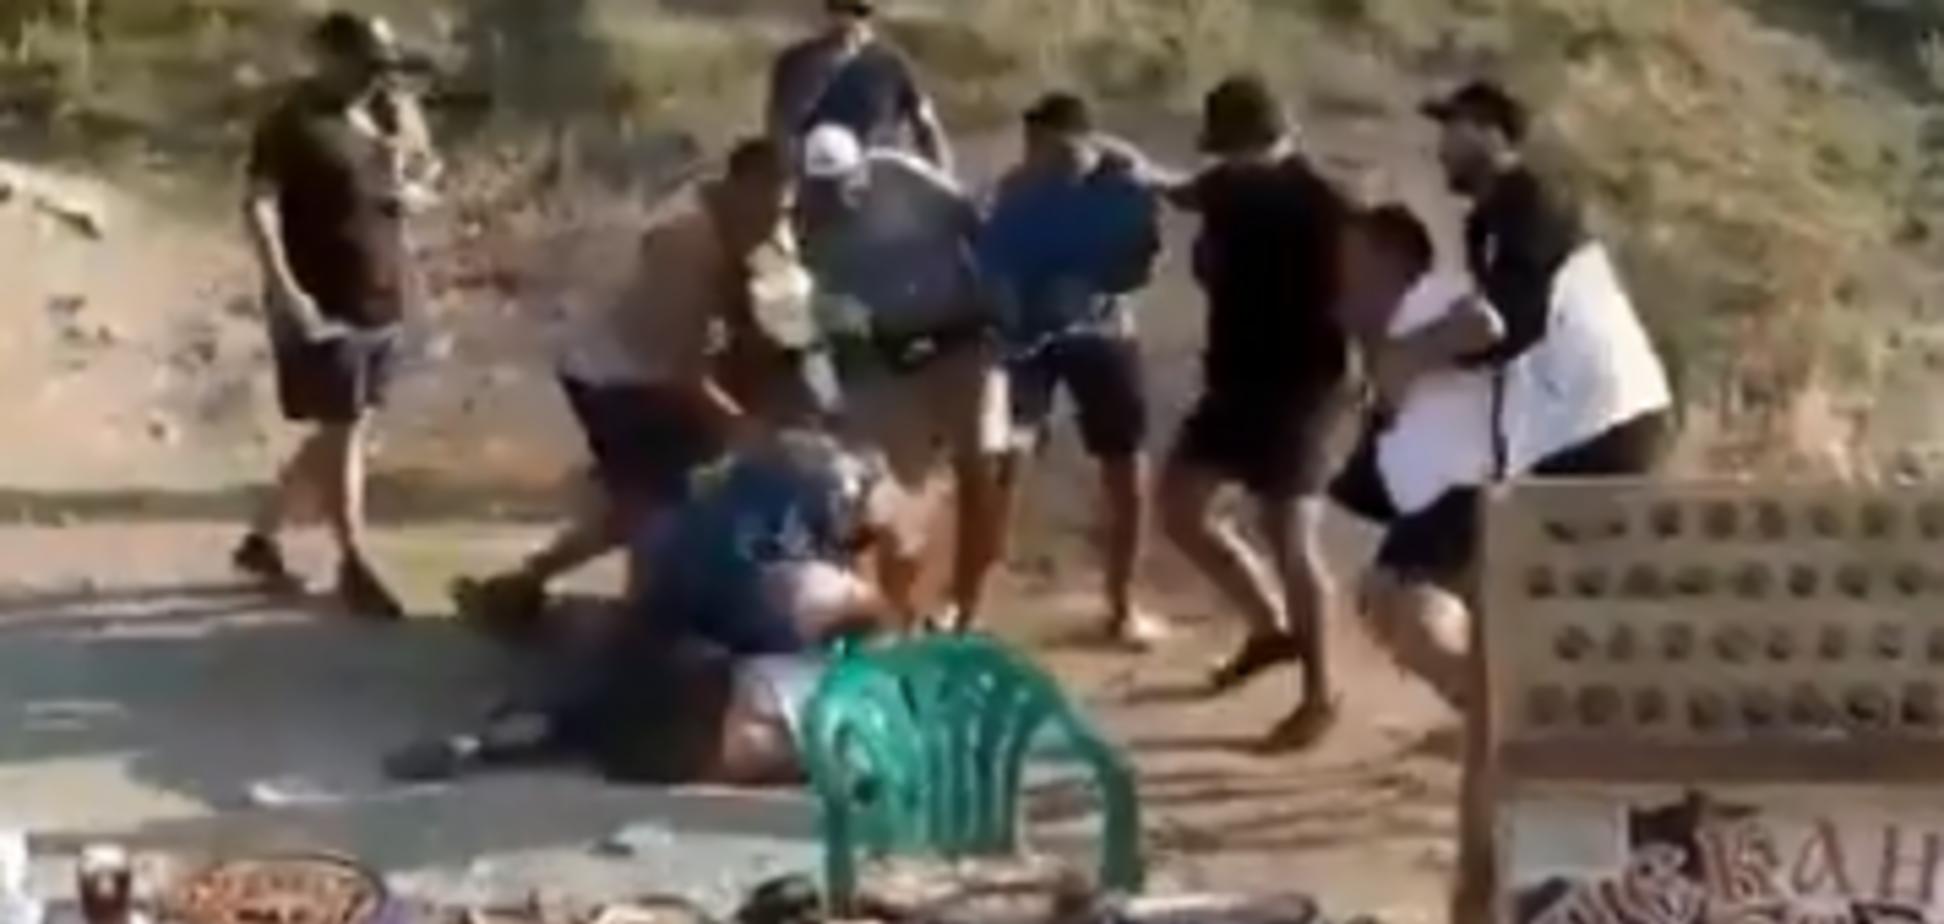 Відмовилися платити за фото: у Криму натовп жорстоко побив туристів. Відео 18+